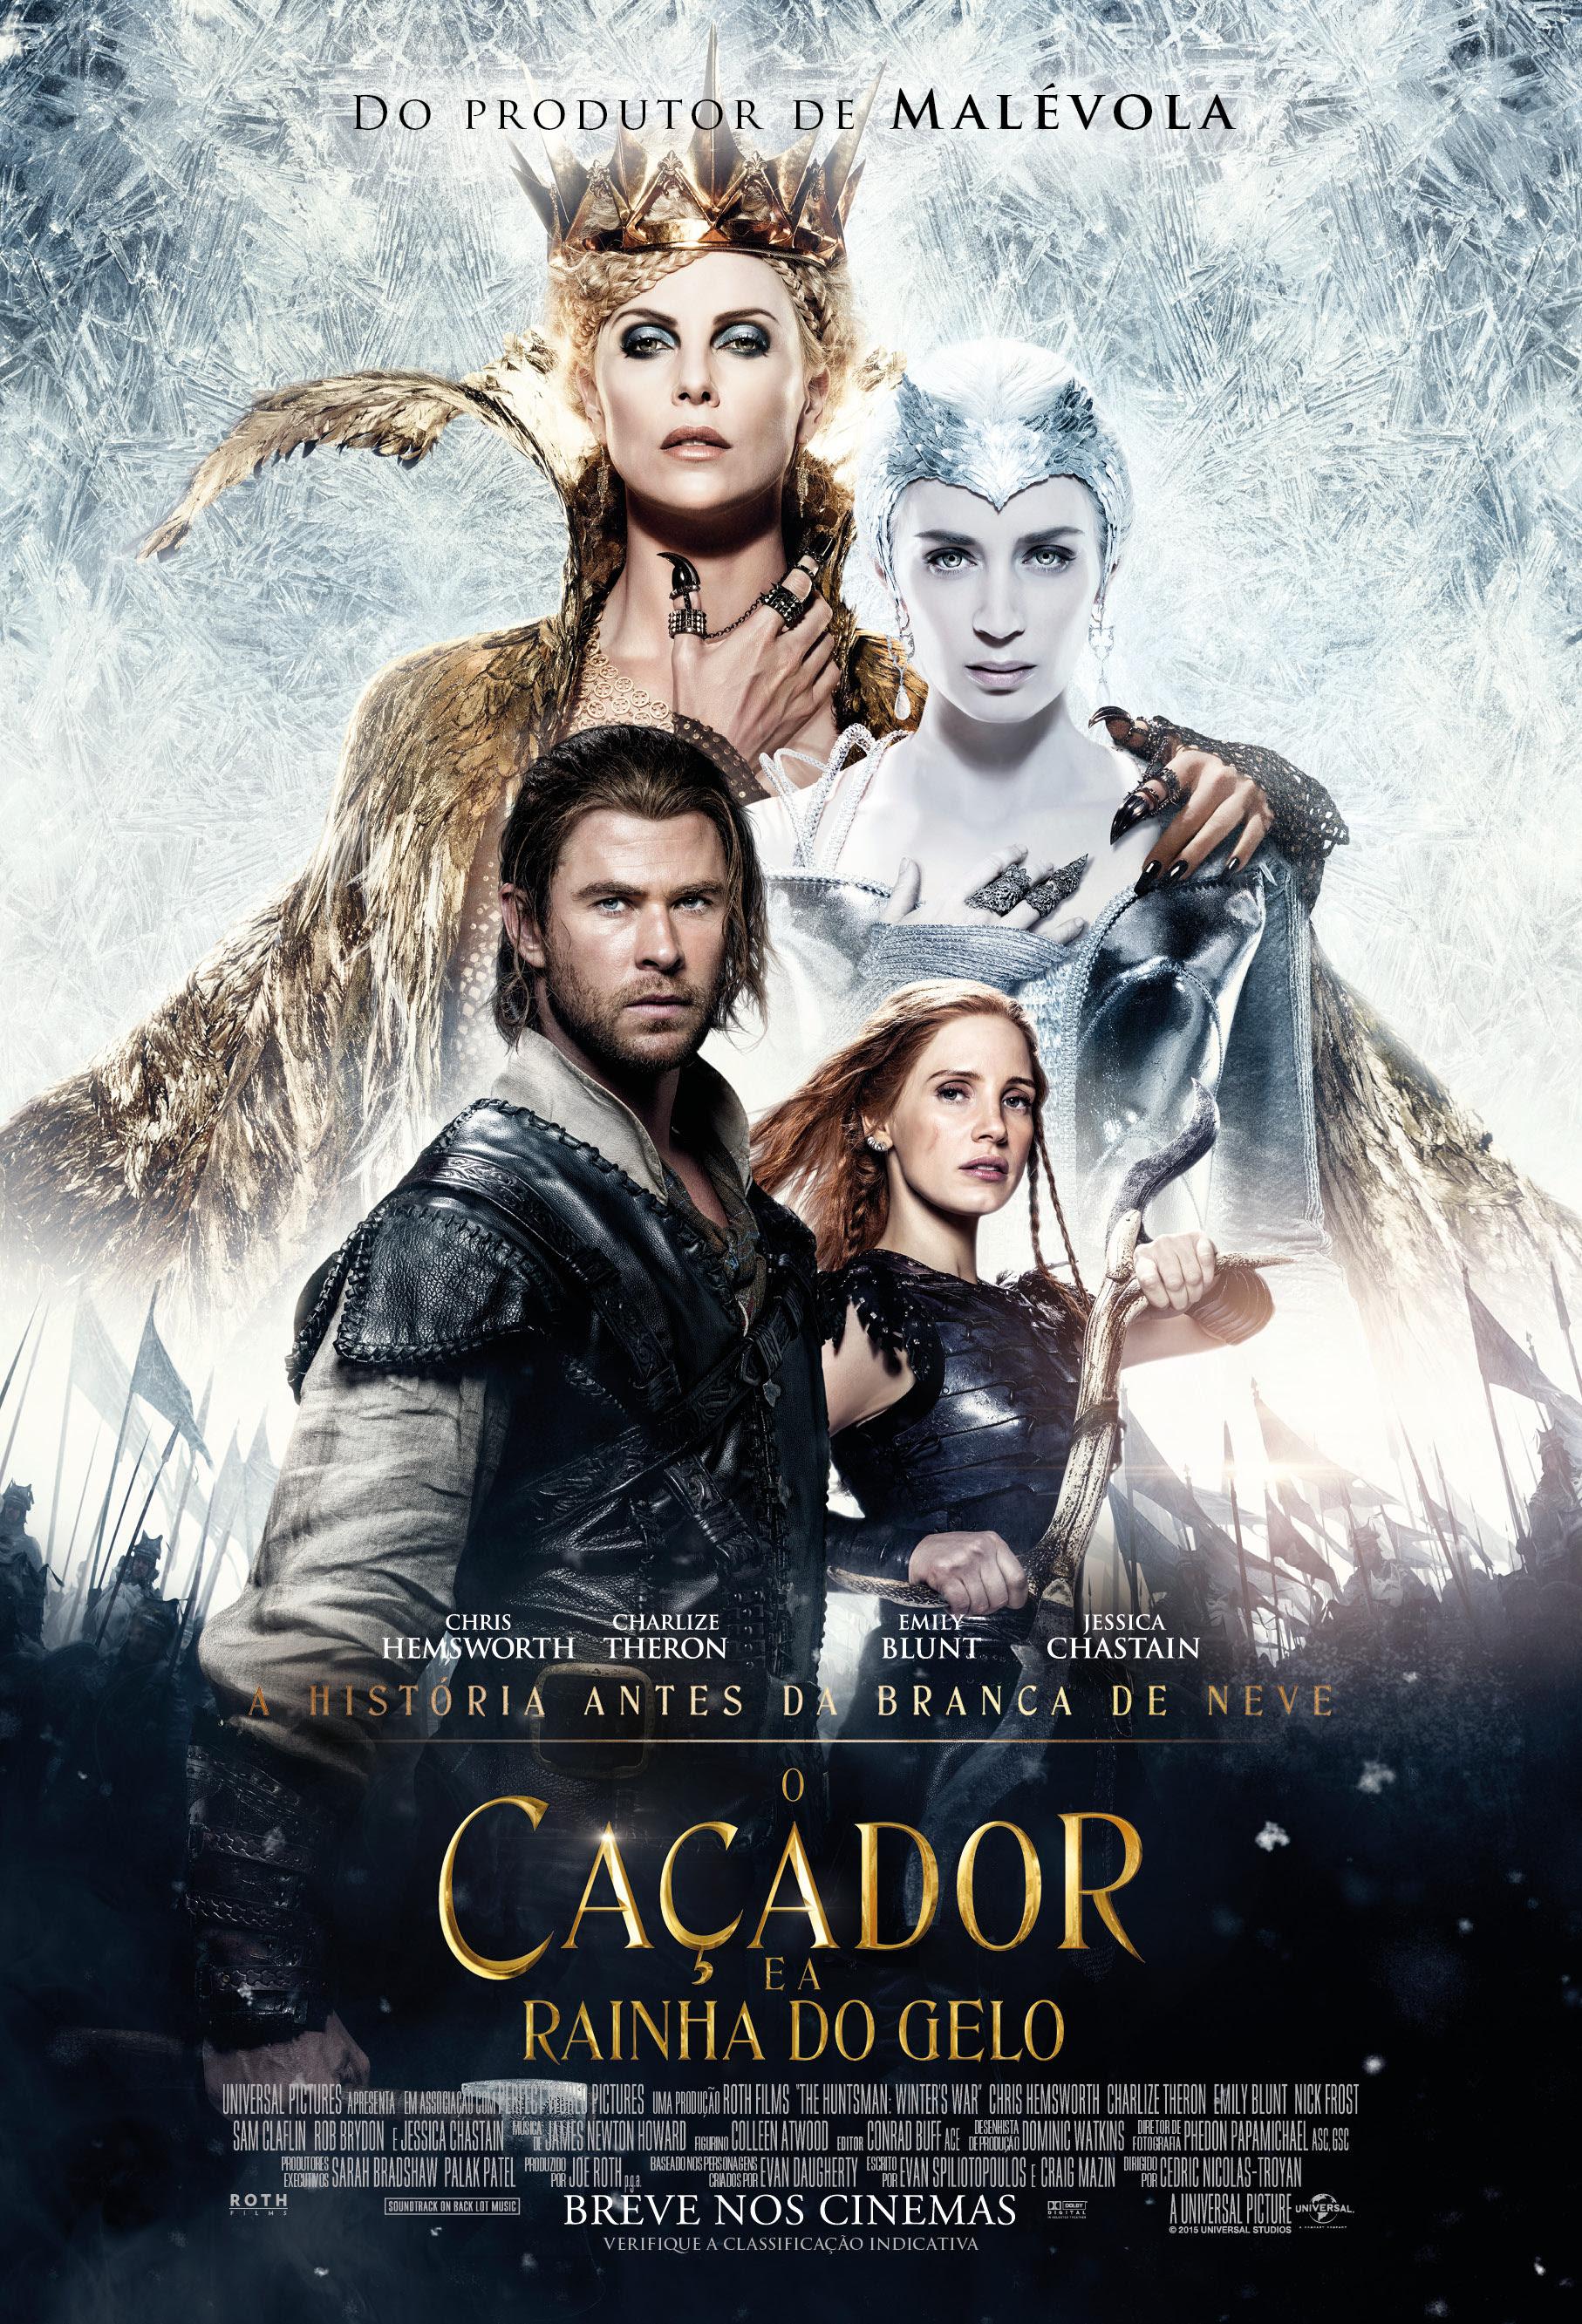 Resultado de imagem para o caçador e a rainha do gelo